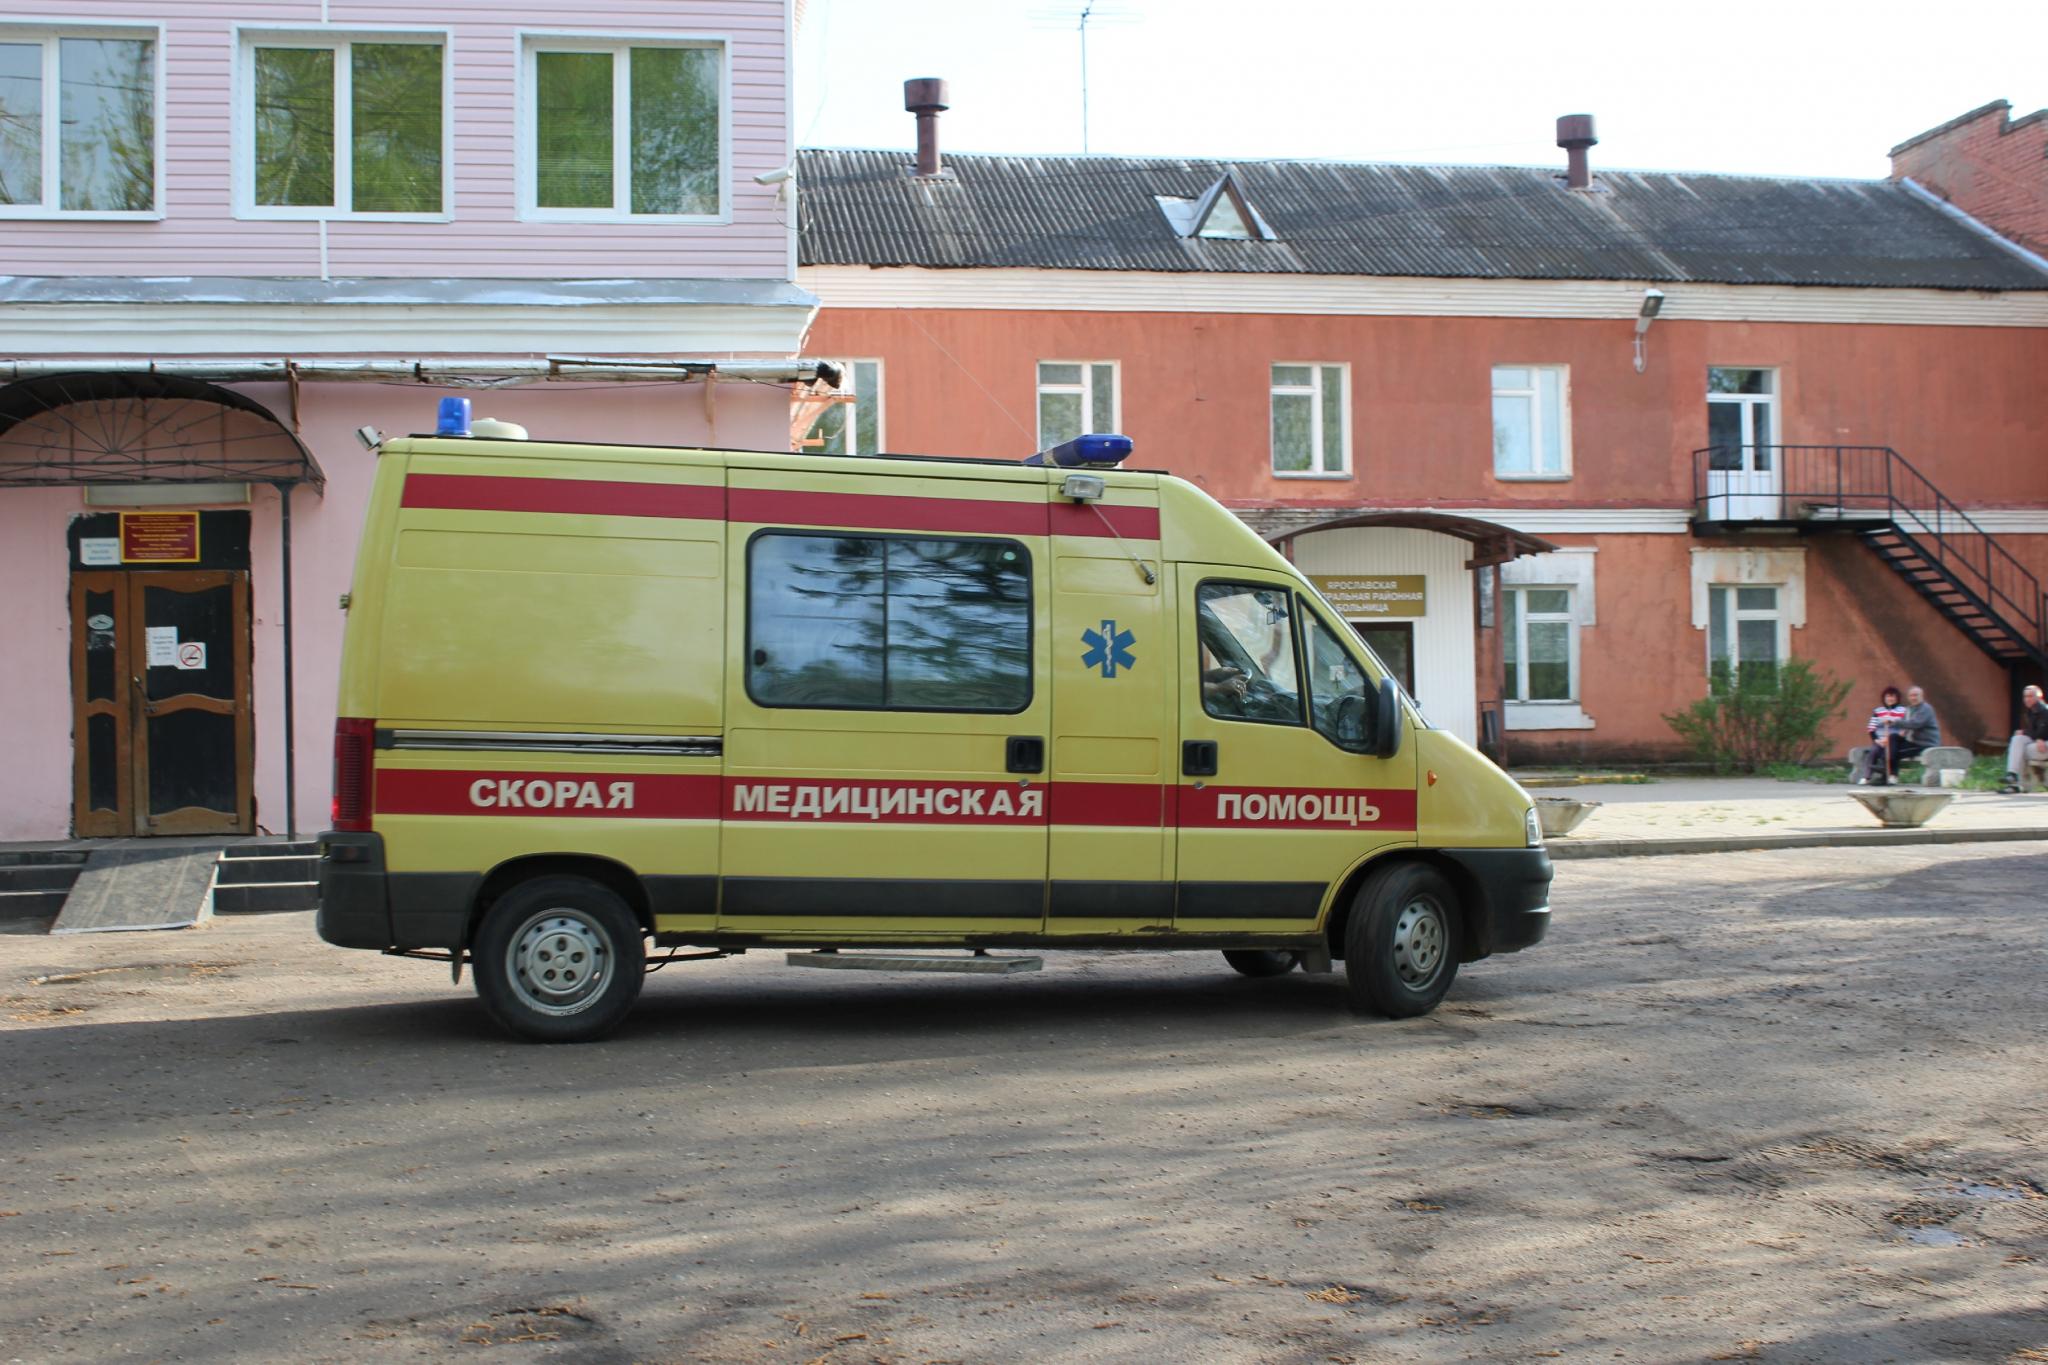 В Чепецке в подъезде дома избили мужчину: пострадавшего увезли в больницу